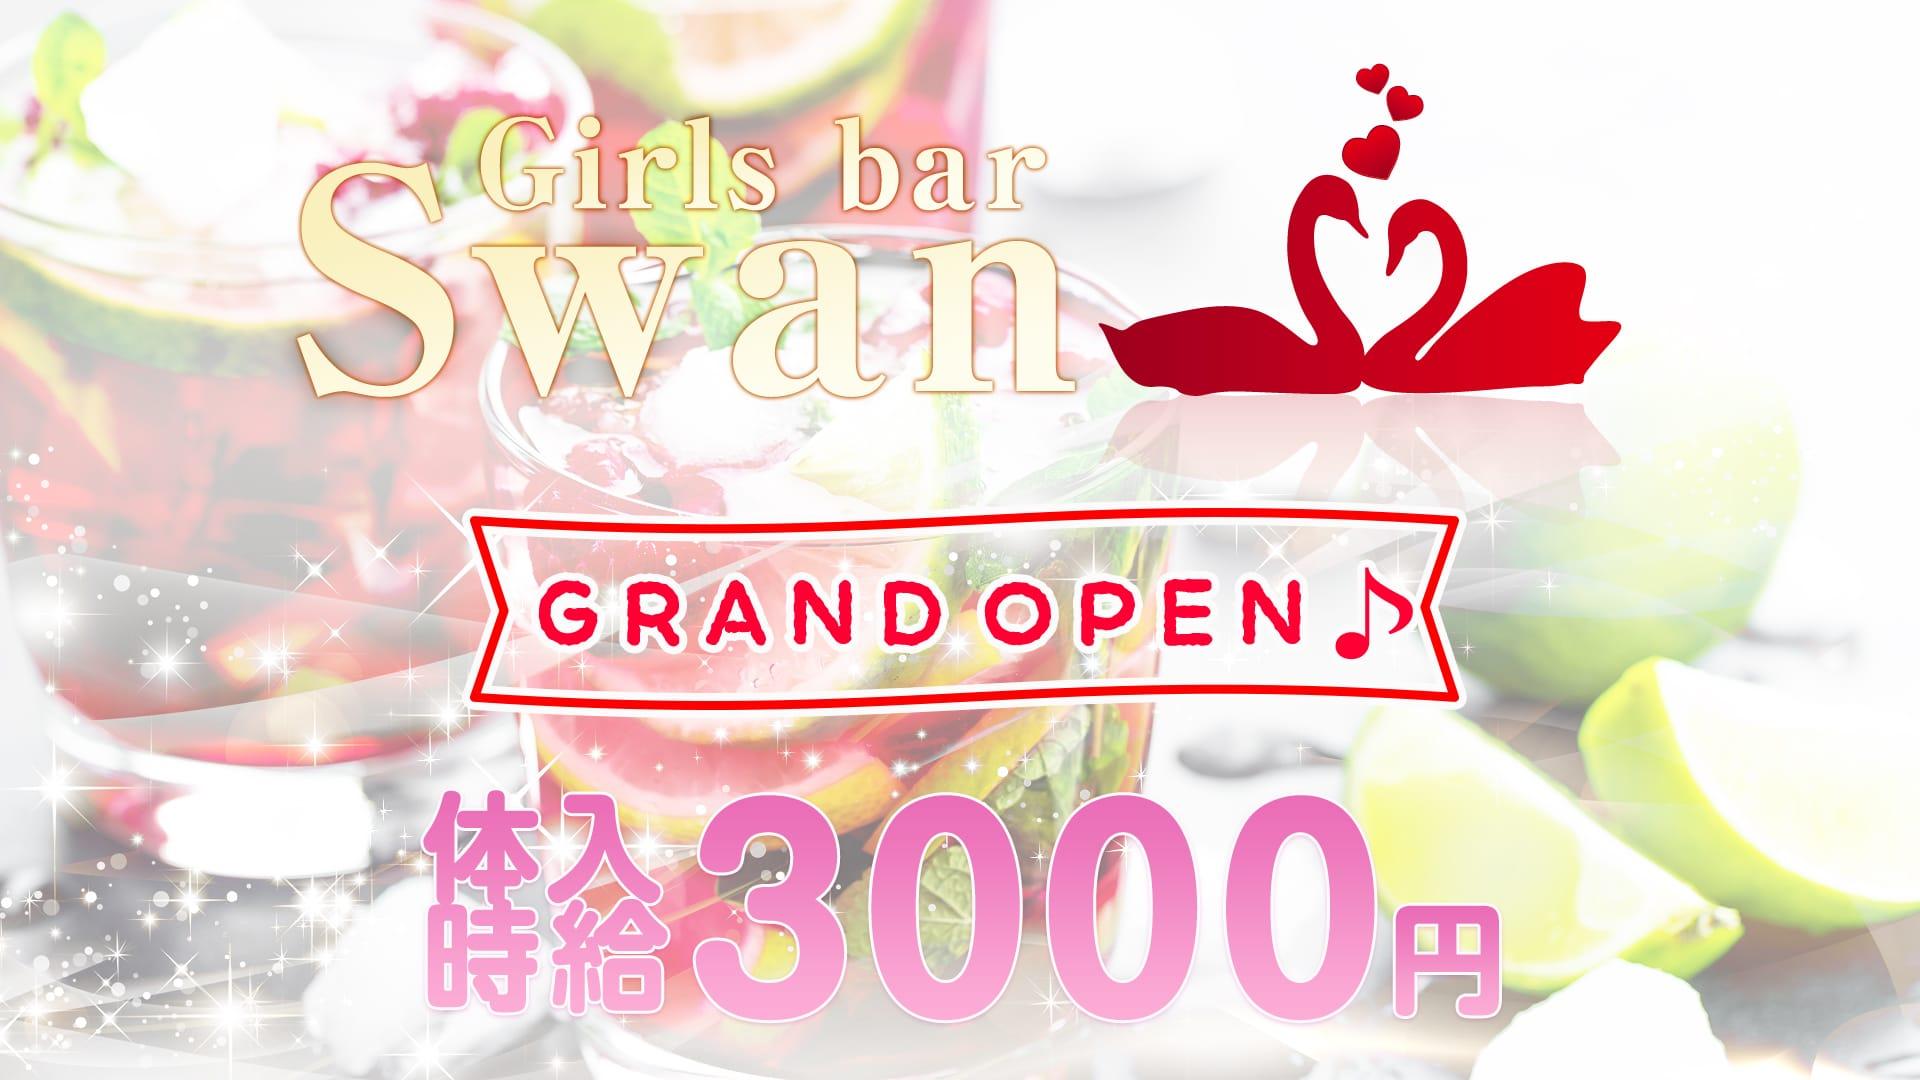 【鶴見】Girls bar Swan<スワン> 関内 ガールズバー TOP画像